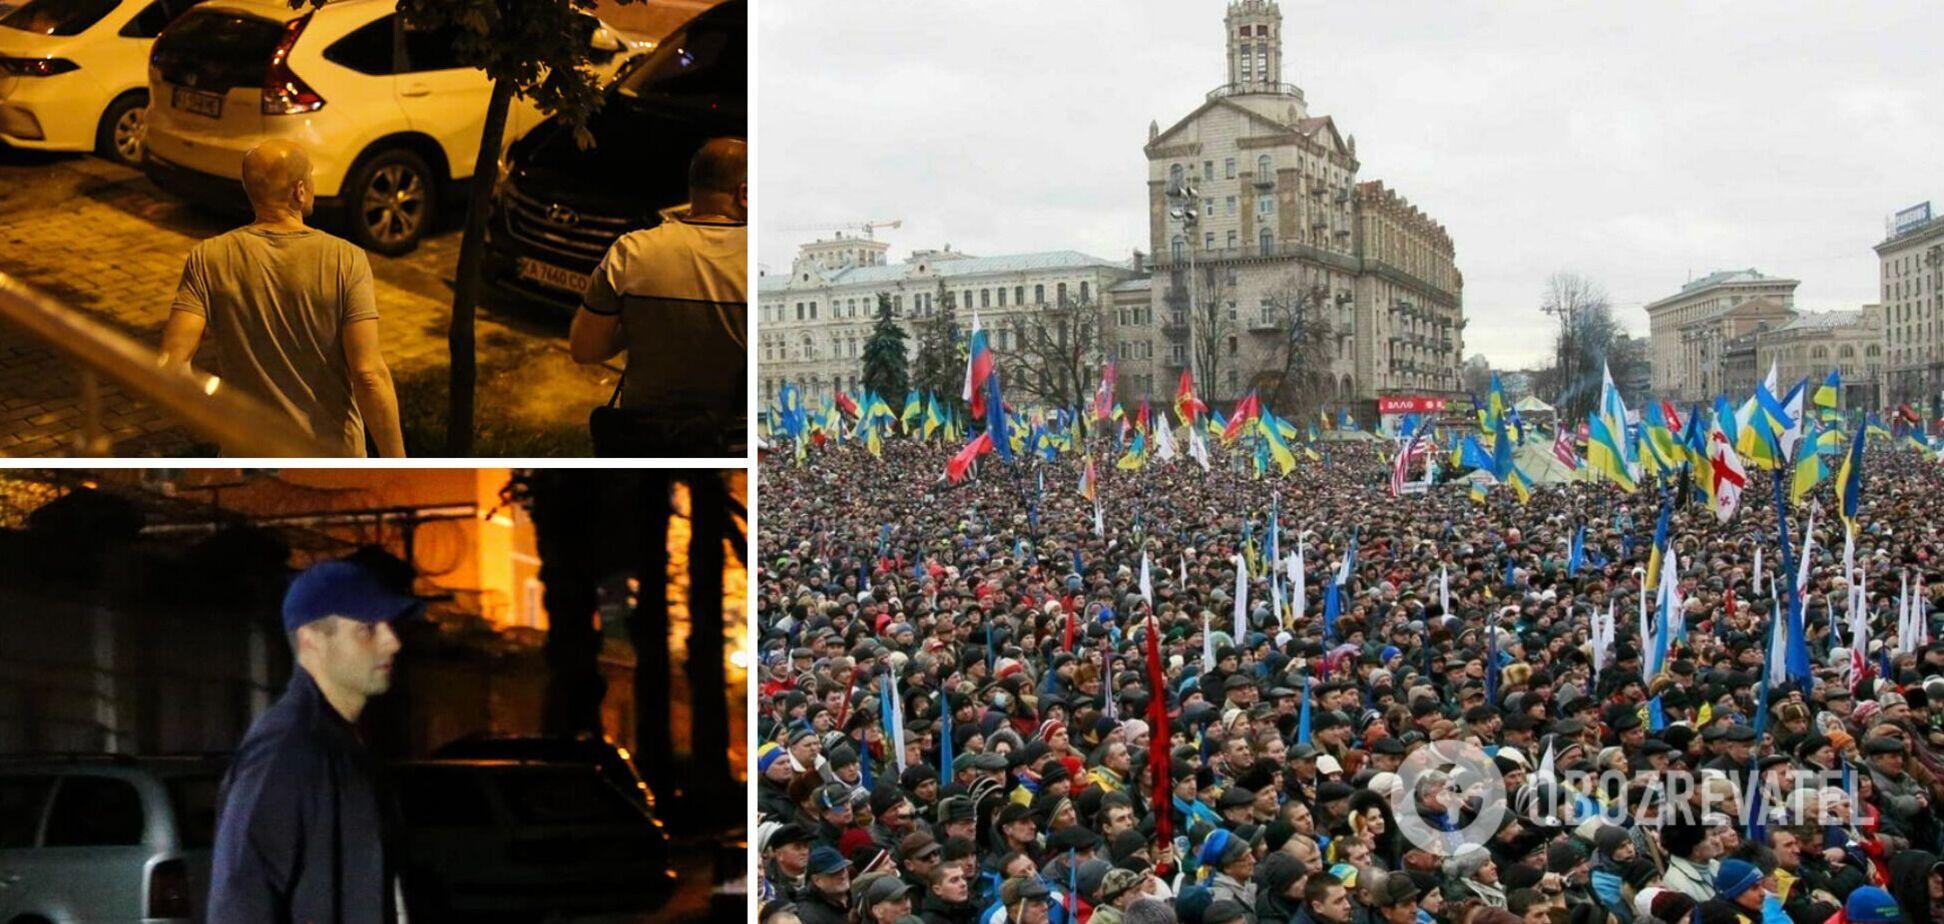 Обвиняемые в похищении активистов Евромайдана вышли на свободу, но вскоре одного из них взяли под стражу